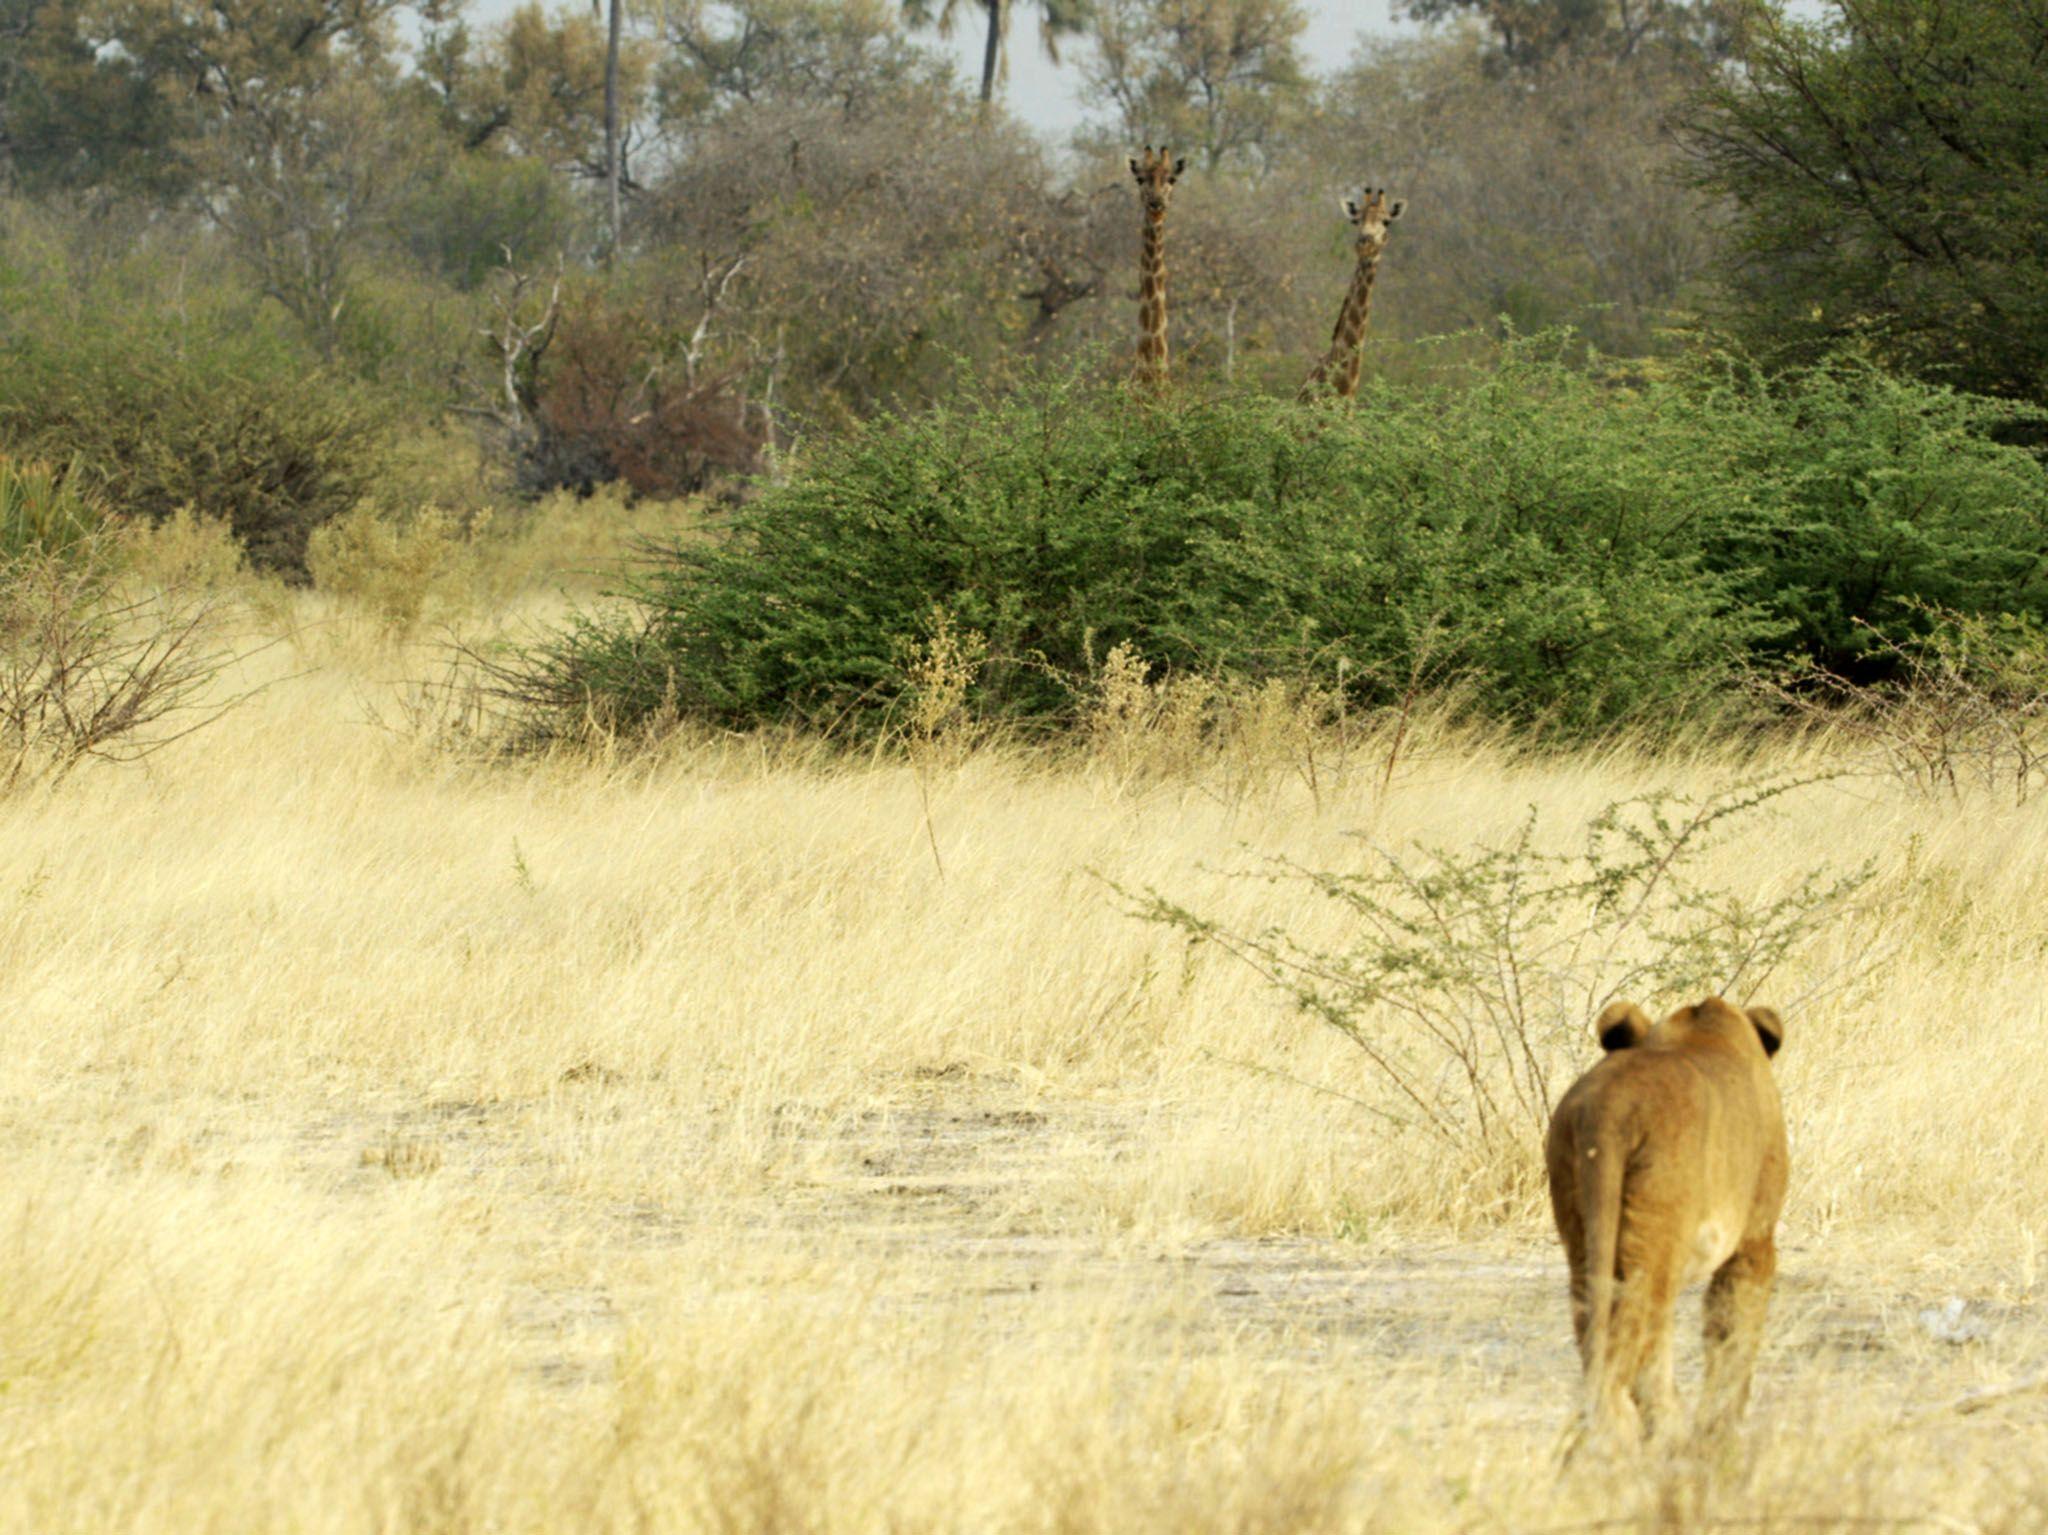 پارک حفاظت شده مورمی، بوتسوآنا: دو زرافه تحرکات ماده... [Photo of the day - فوریه 2018]